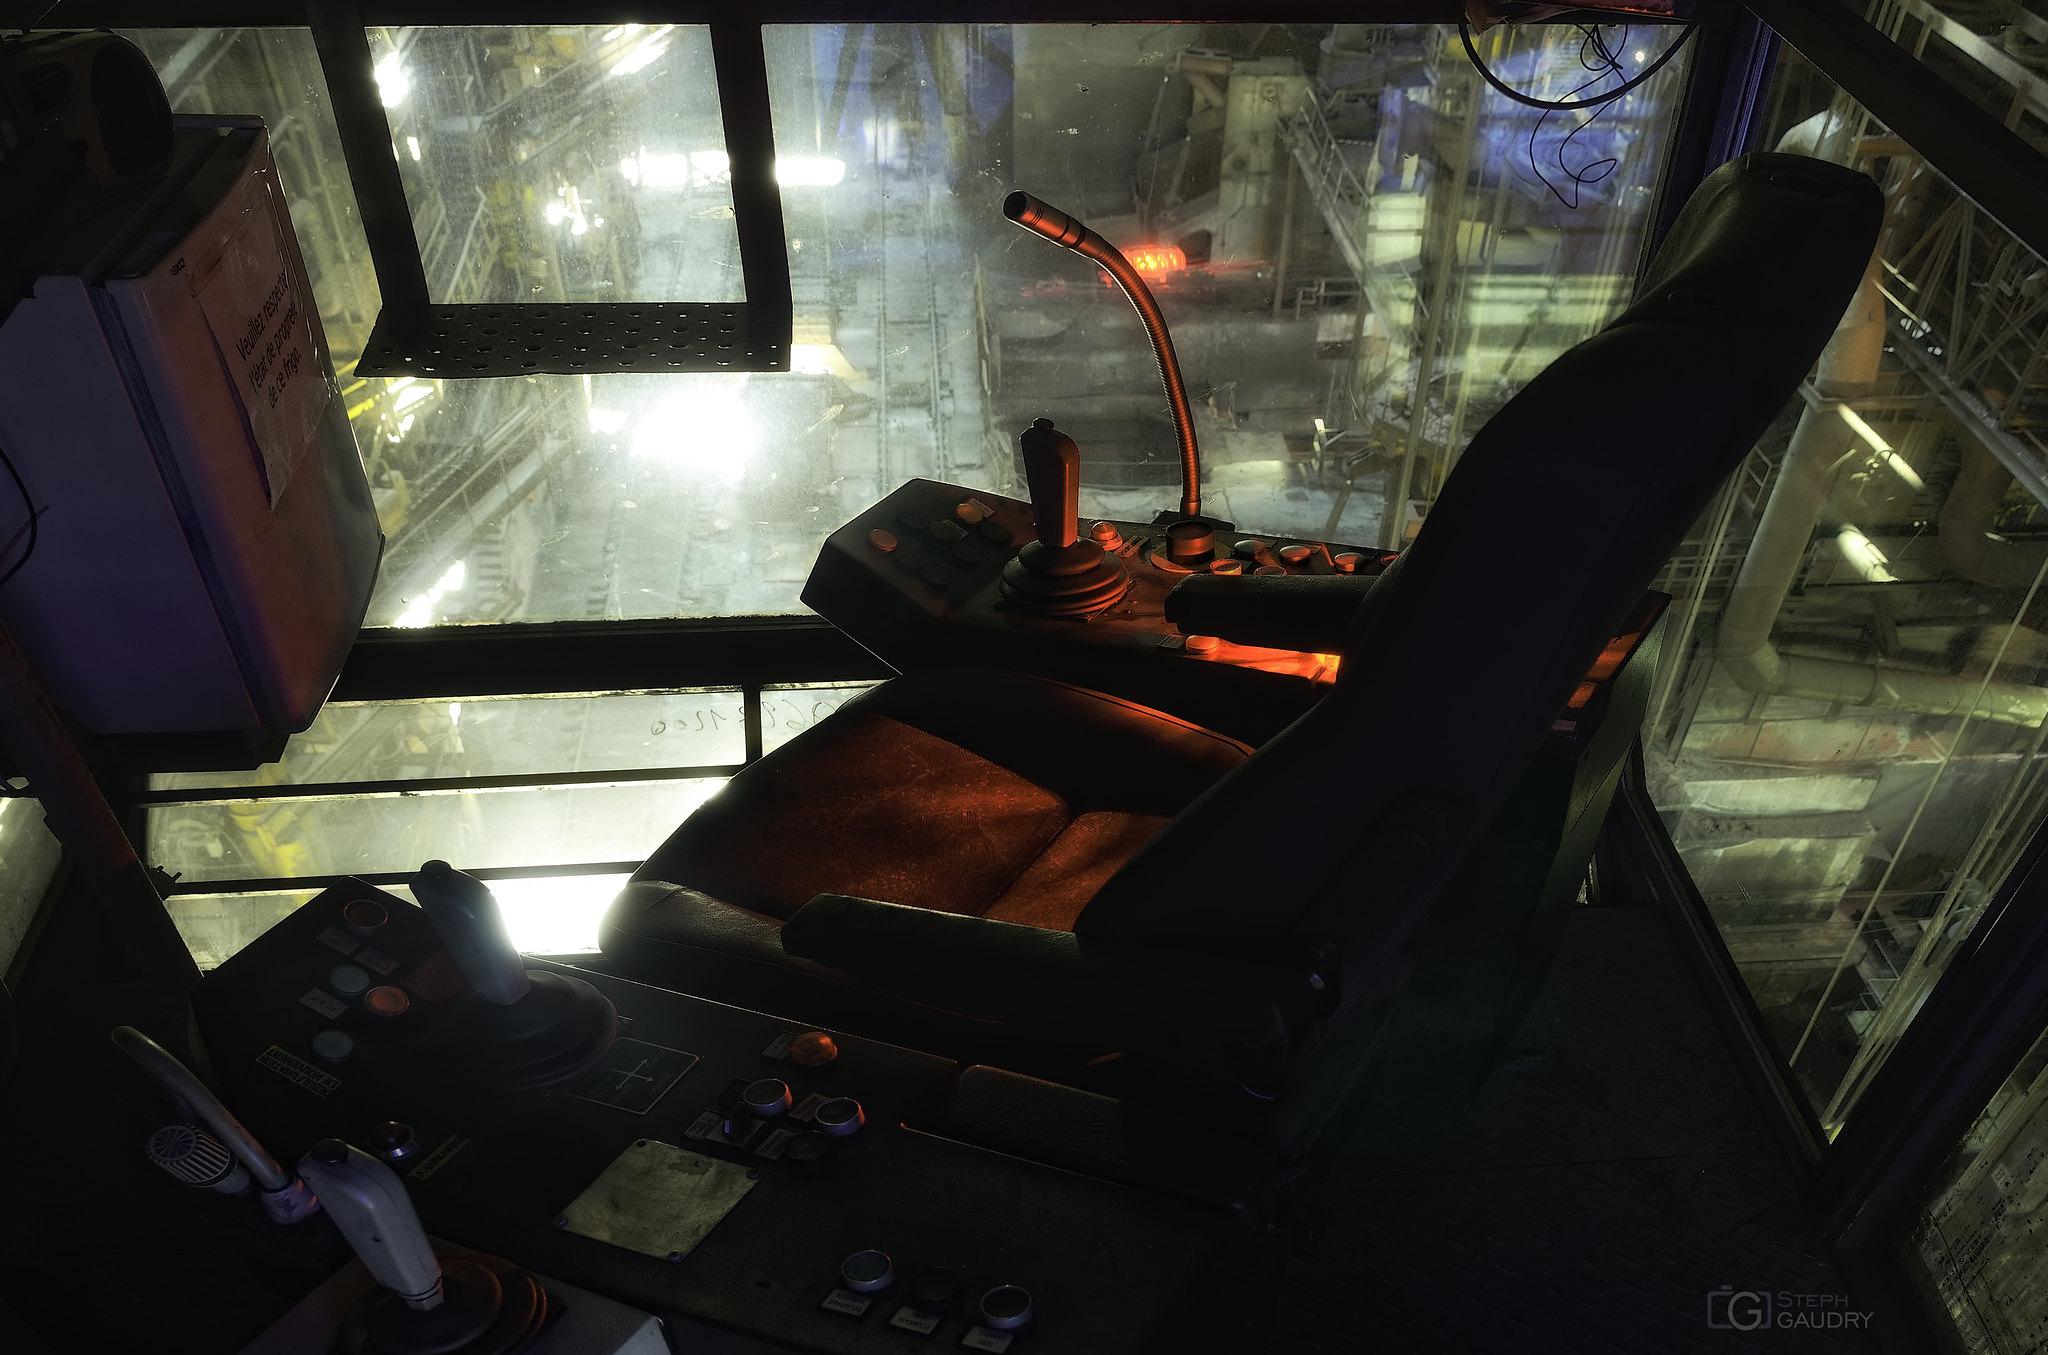 Umbrella Corporation supervisor seat [Cliquez pour lancer le diaporama]